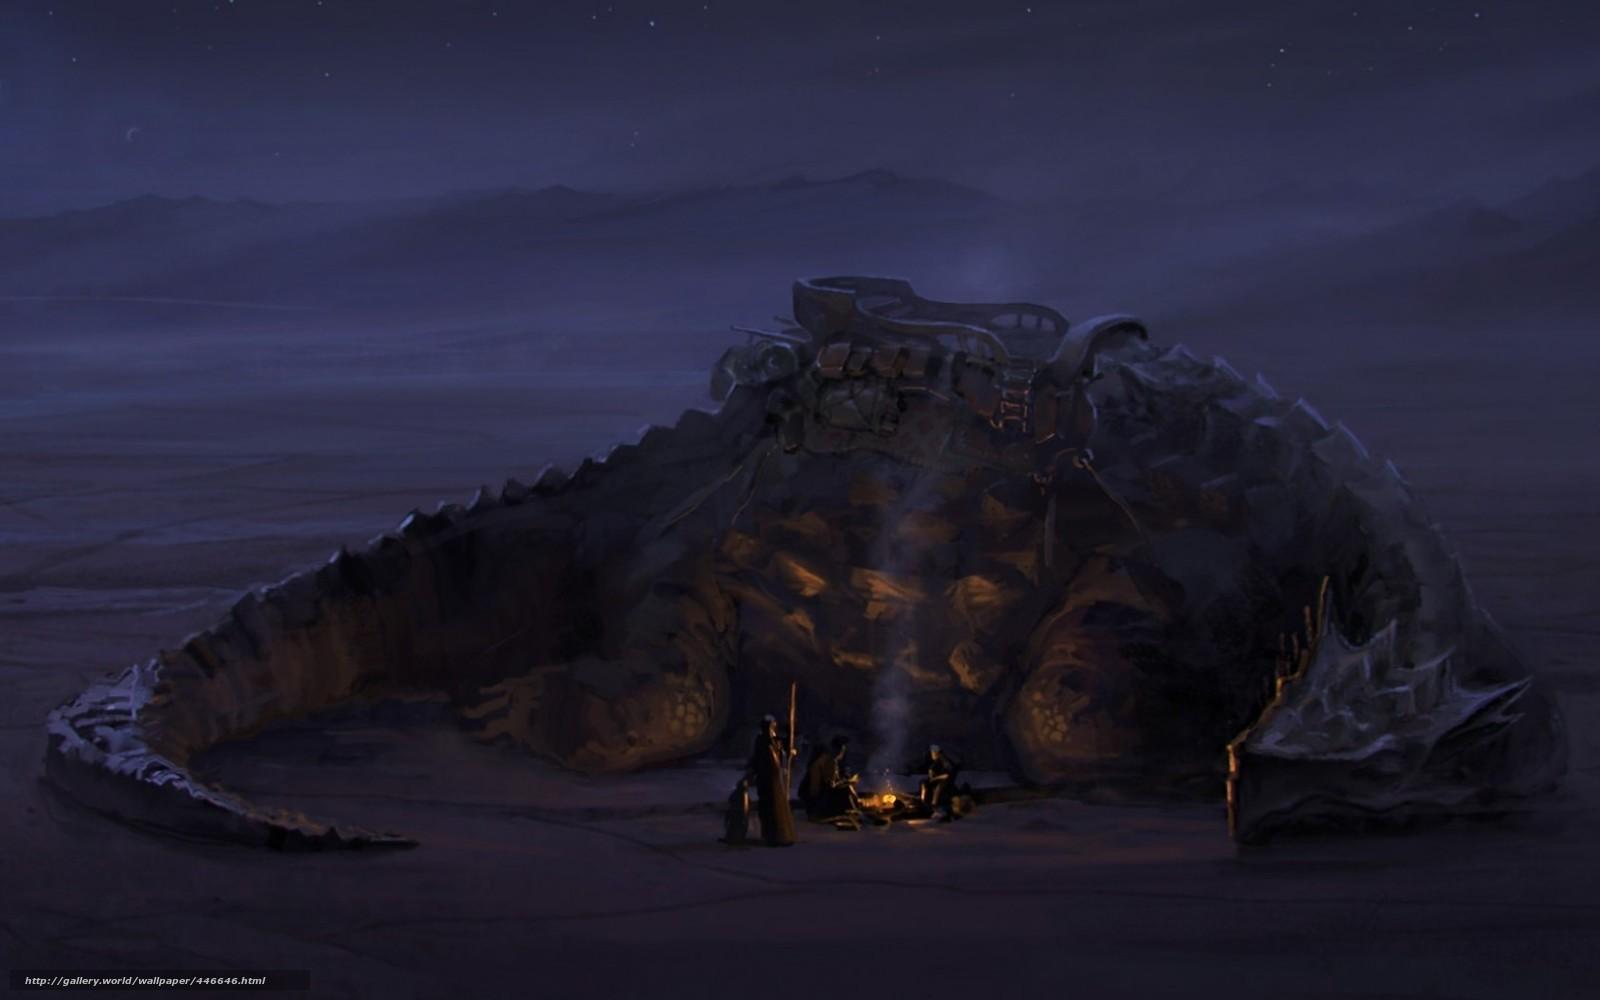 Скачать обои арт, ночь, привал, дракон бесплатно для рабочего ...